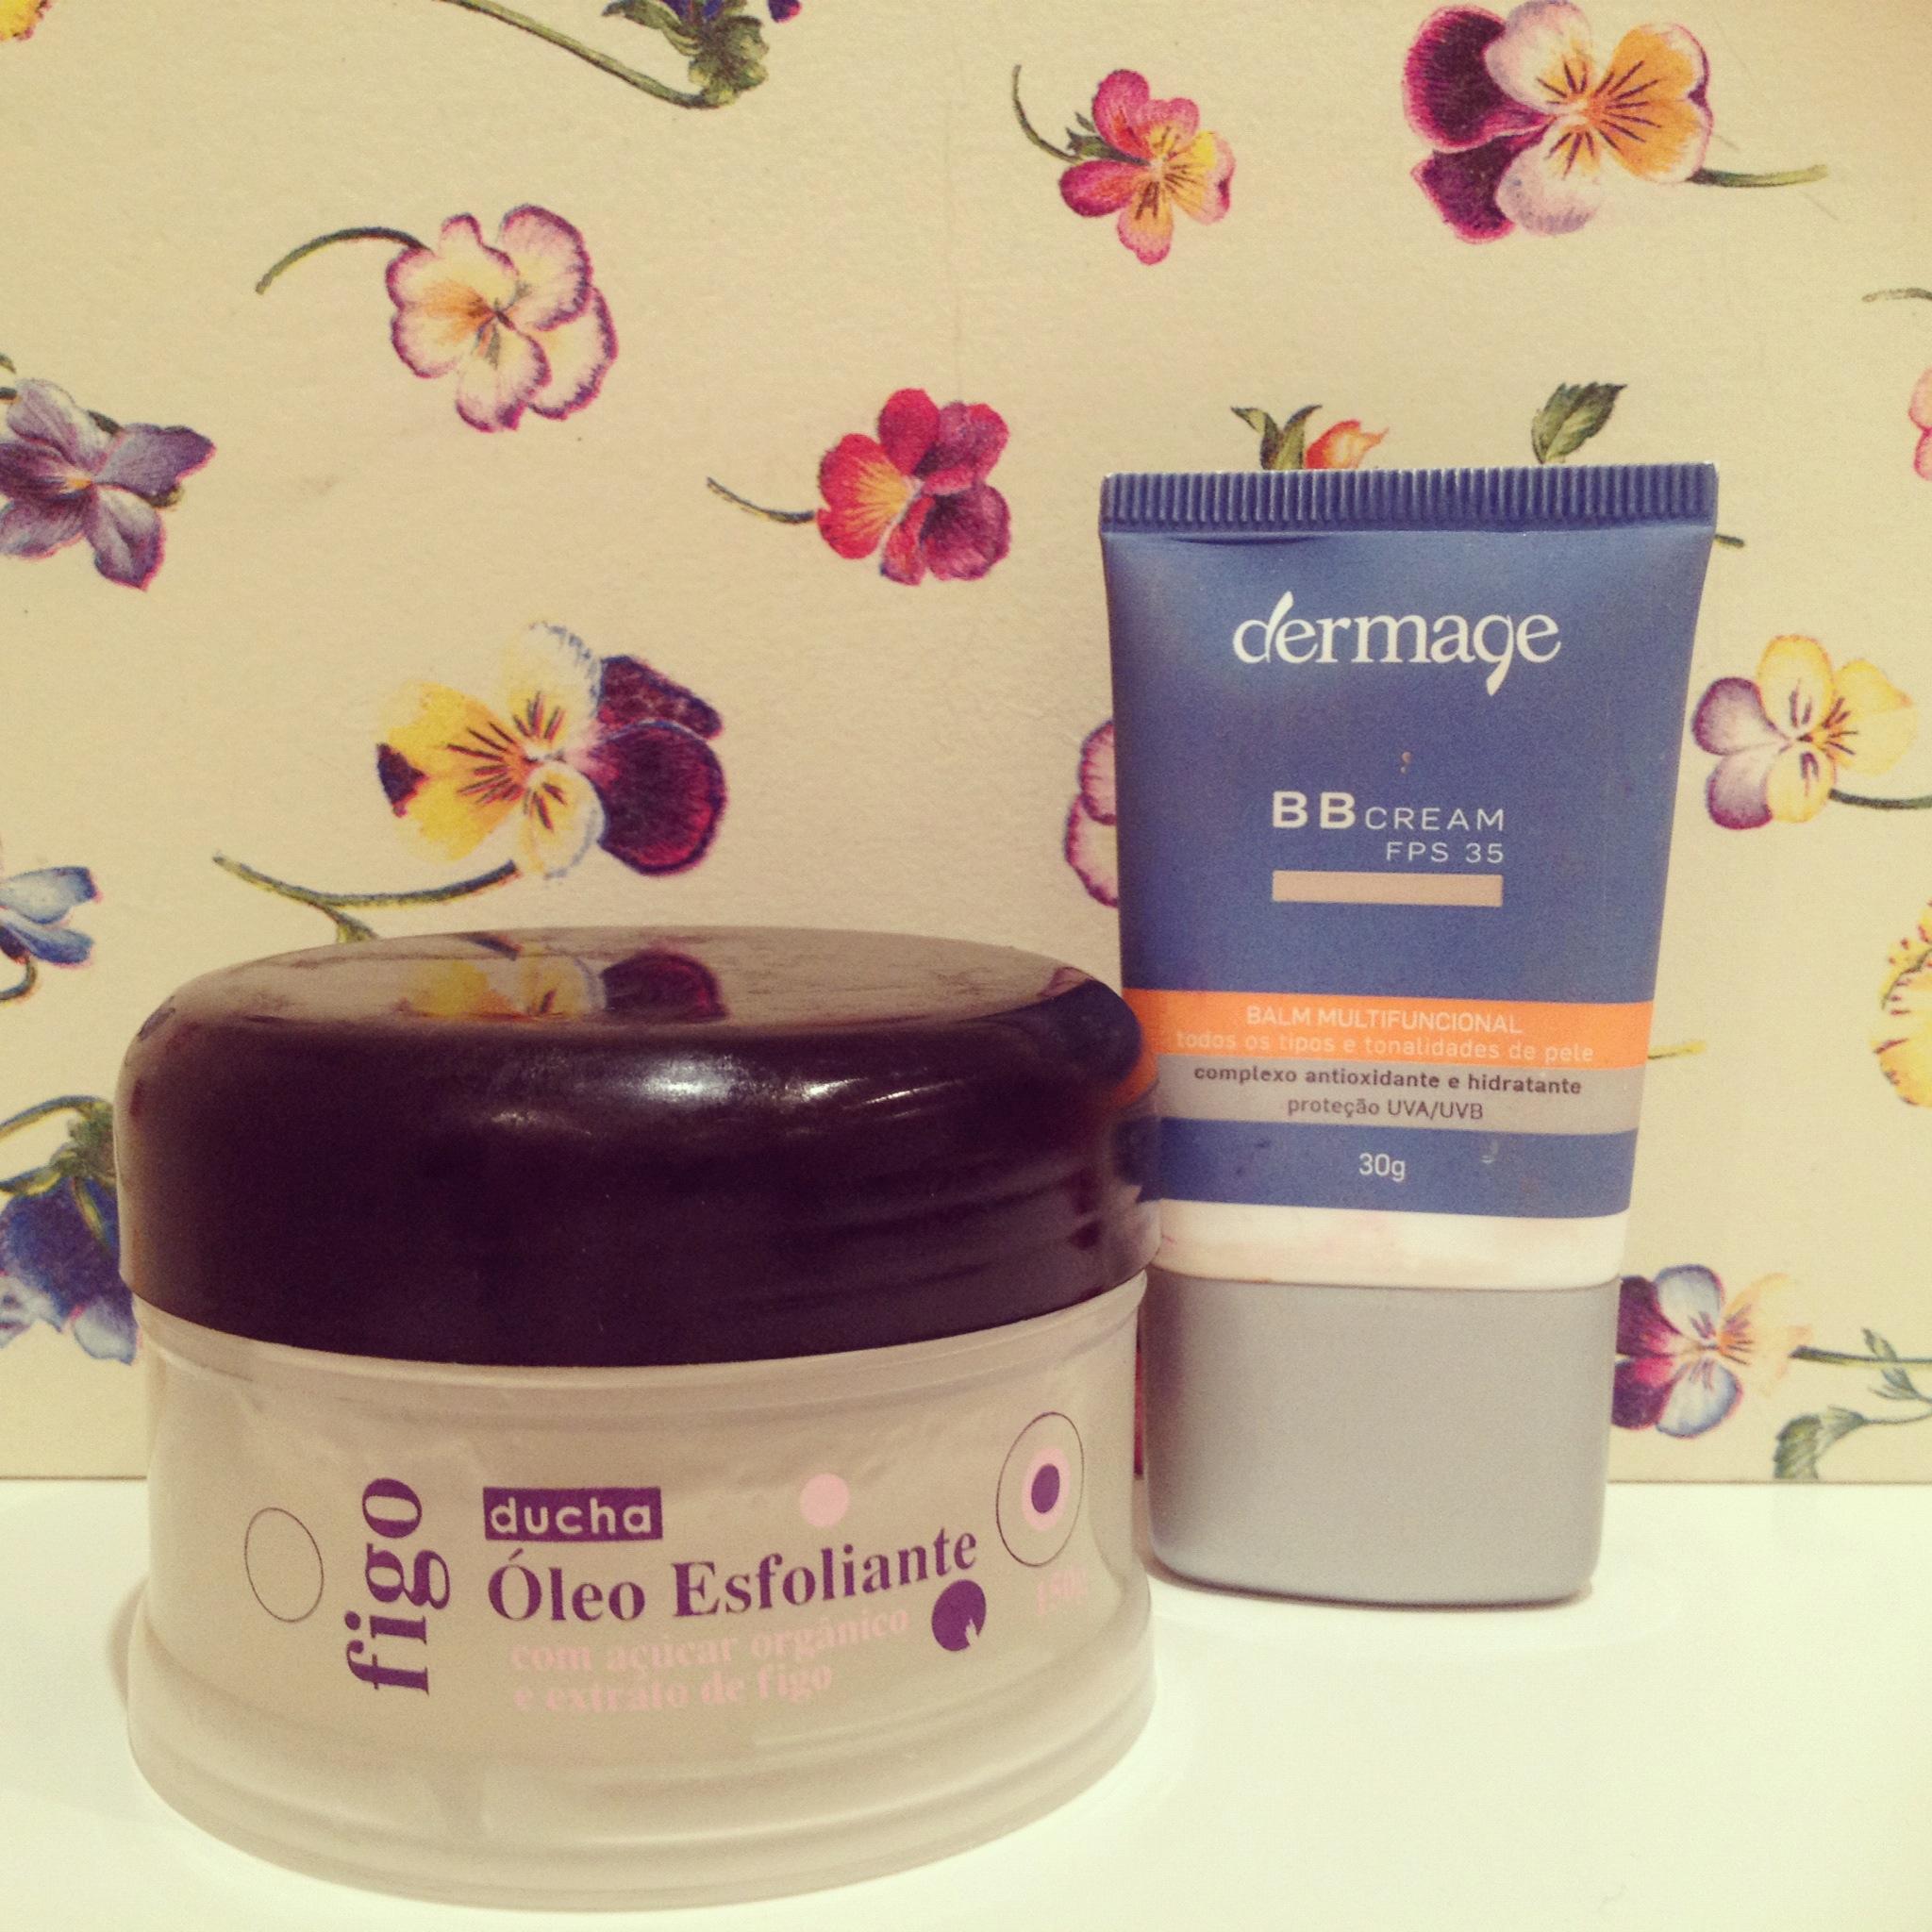 Ducha-BB-Cream-Dermage-Onde-Comprar-?-Blog-da-Lari-Duarte-.com-Produtos-de-beleza-dicas-de-imperdíveis